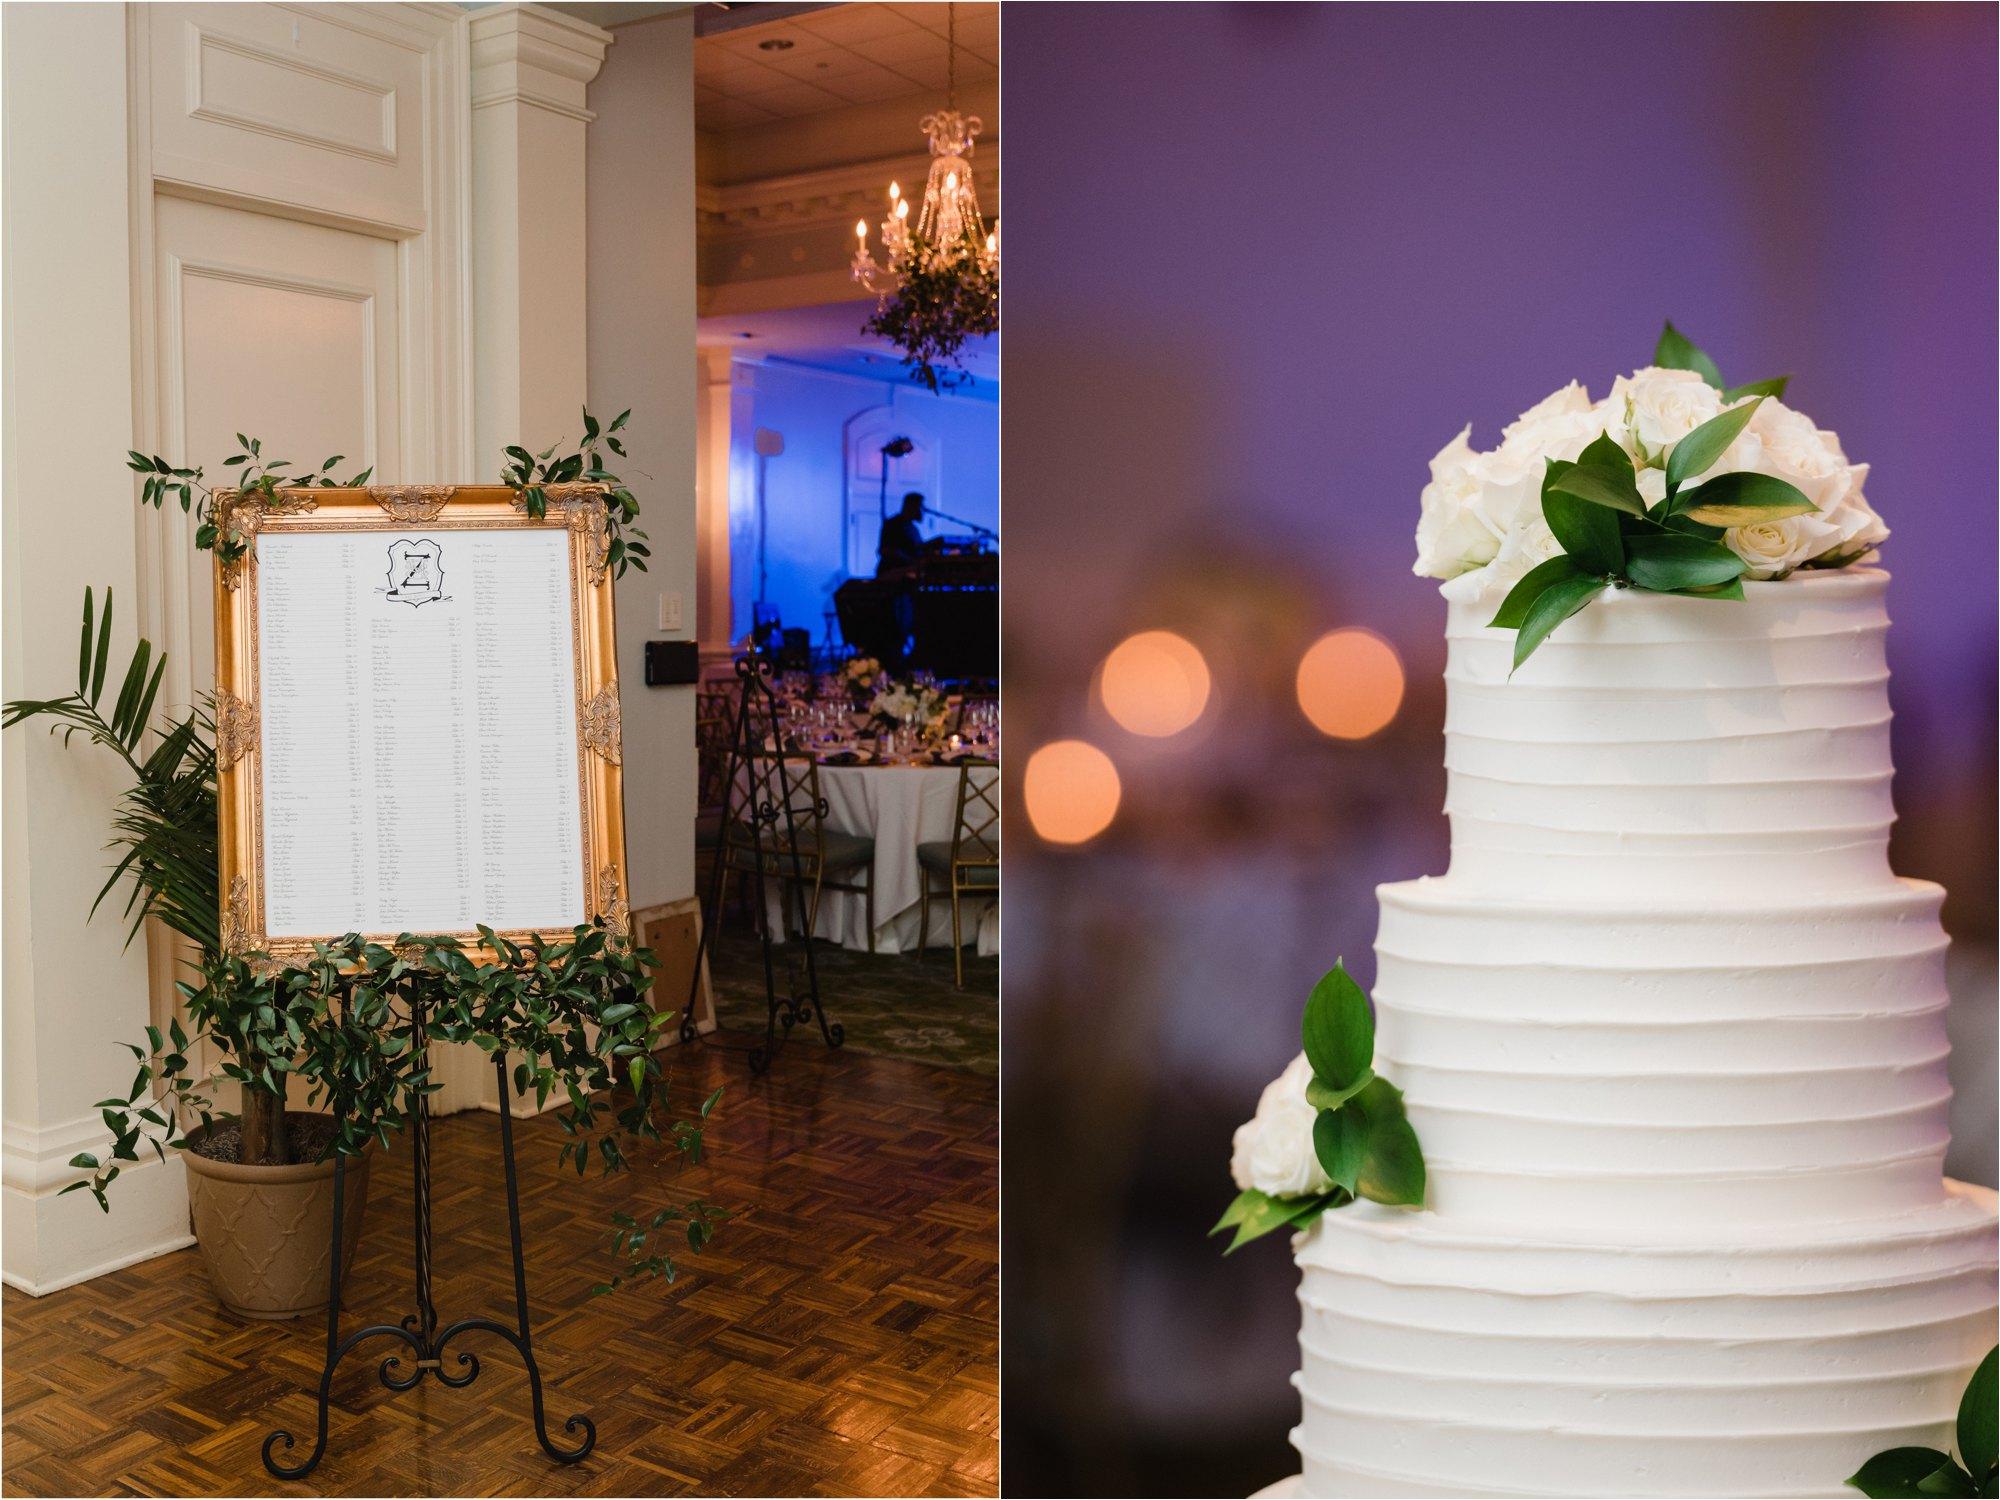 wedding cake and signage